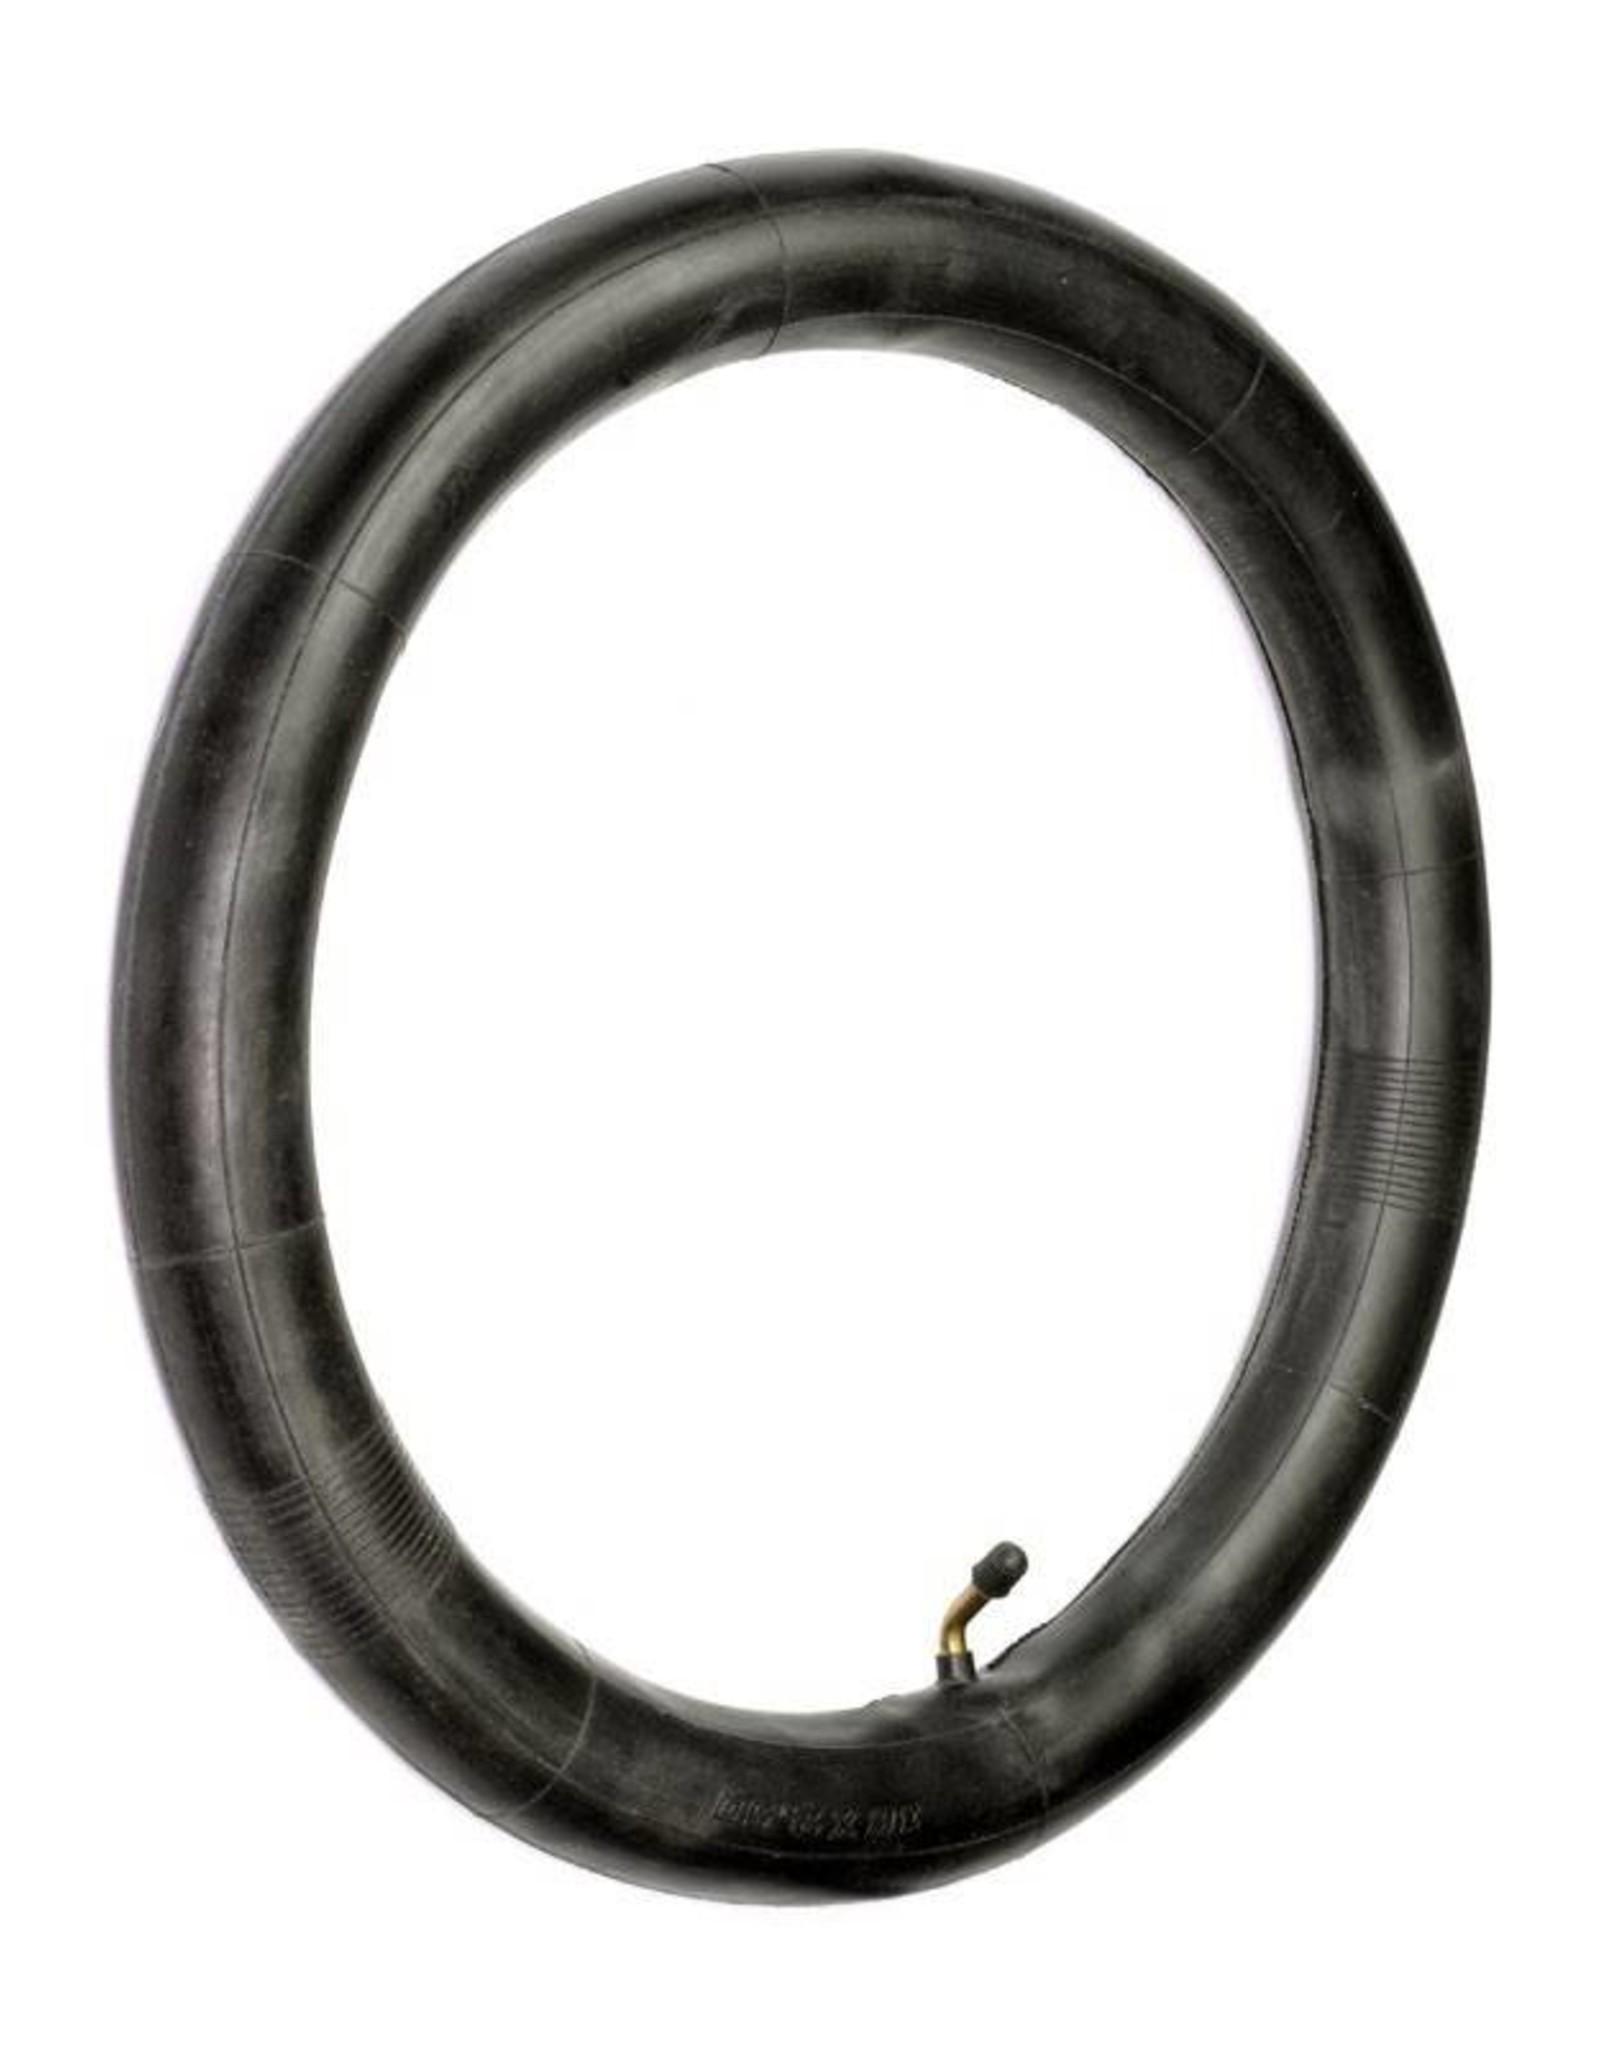 16 inch x 1.75-2.50 Angeld Schrader Valve Tube